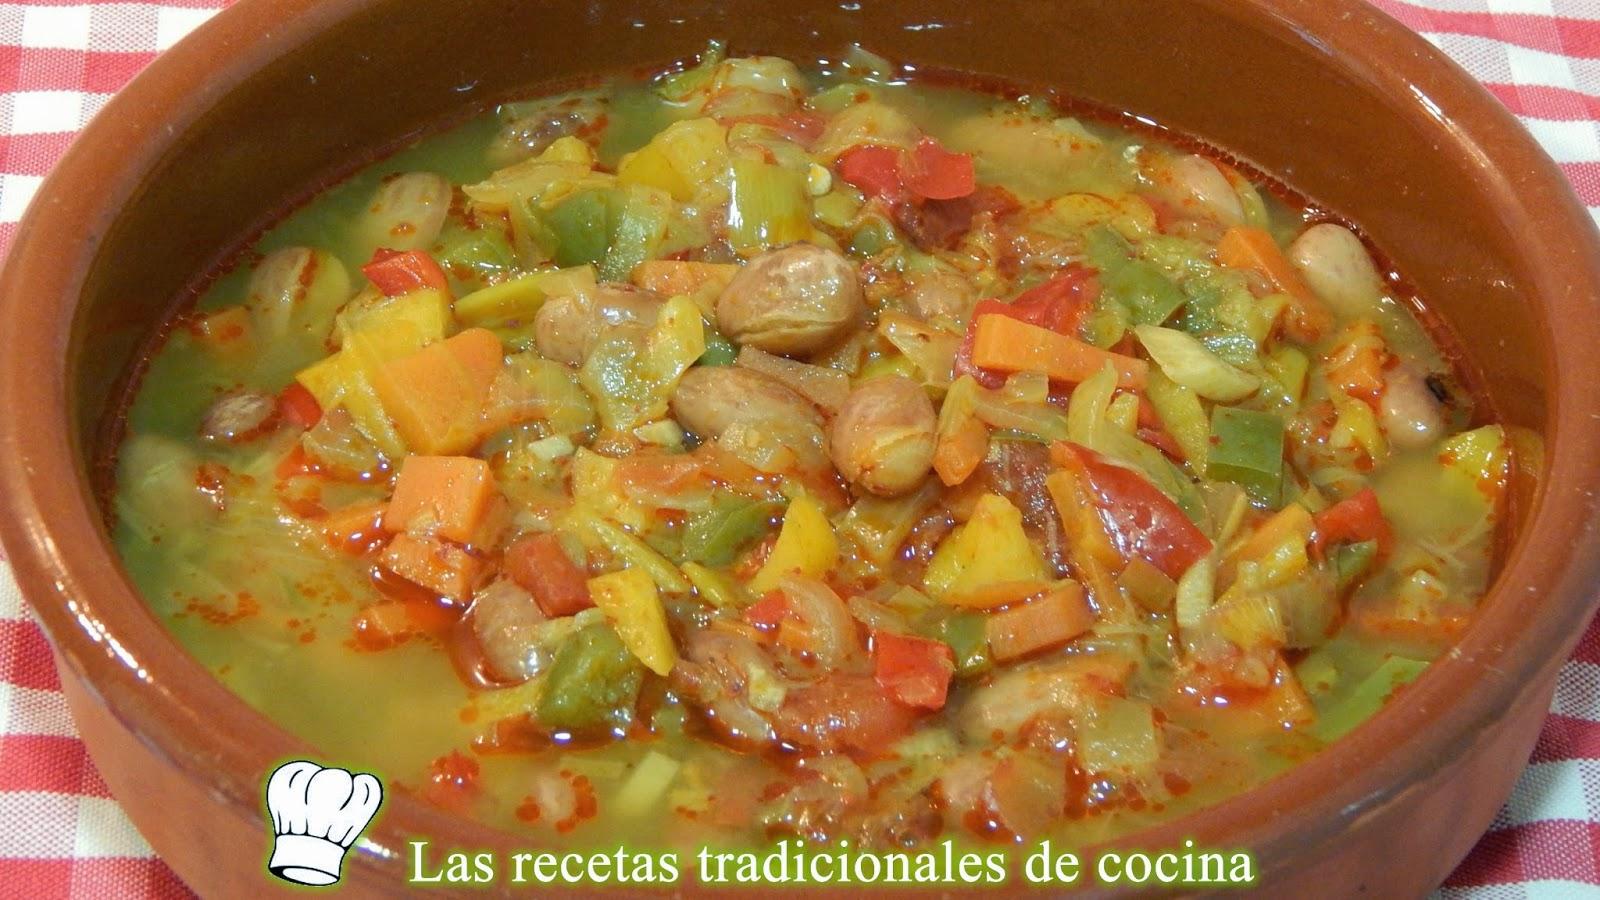 Guiso de Alubias (Judías) Pintas con verduras con Thermomix®